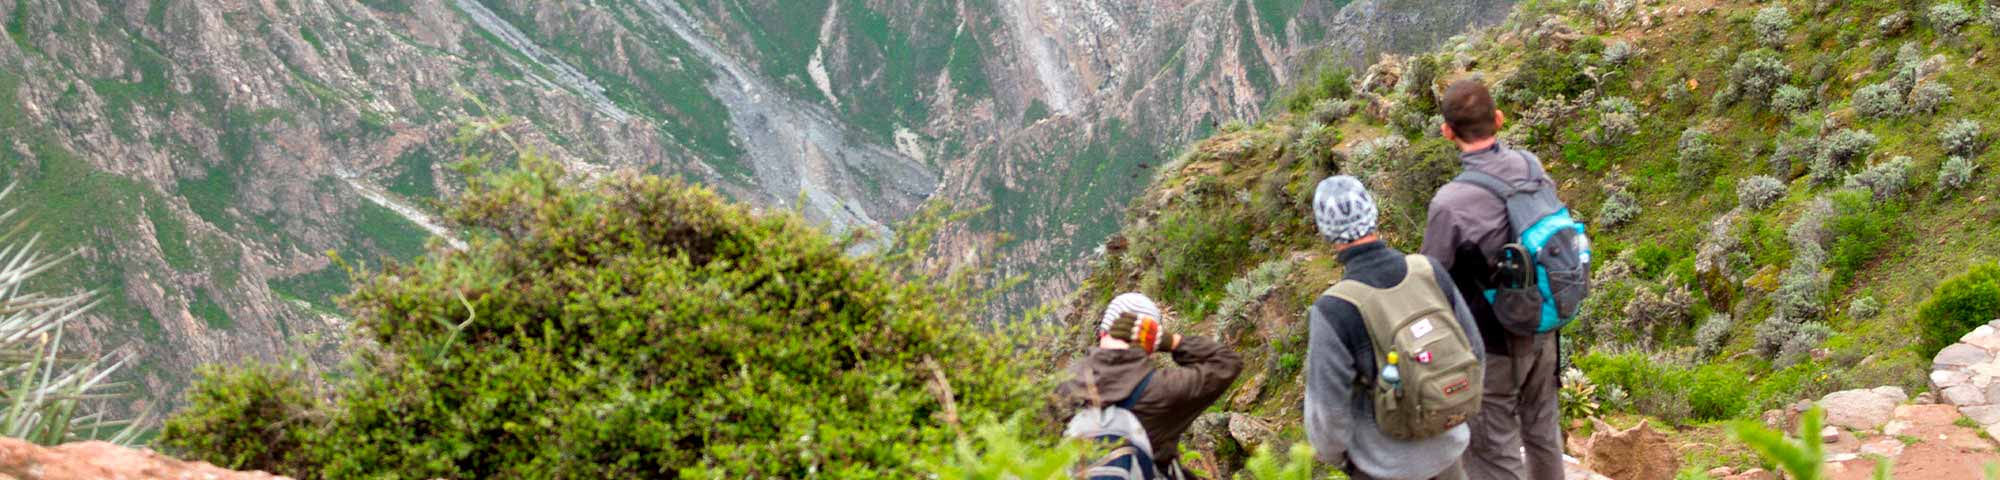 Arequipa: Se recupera el turismo en el Valle del Colca